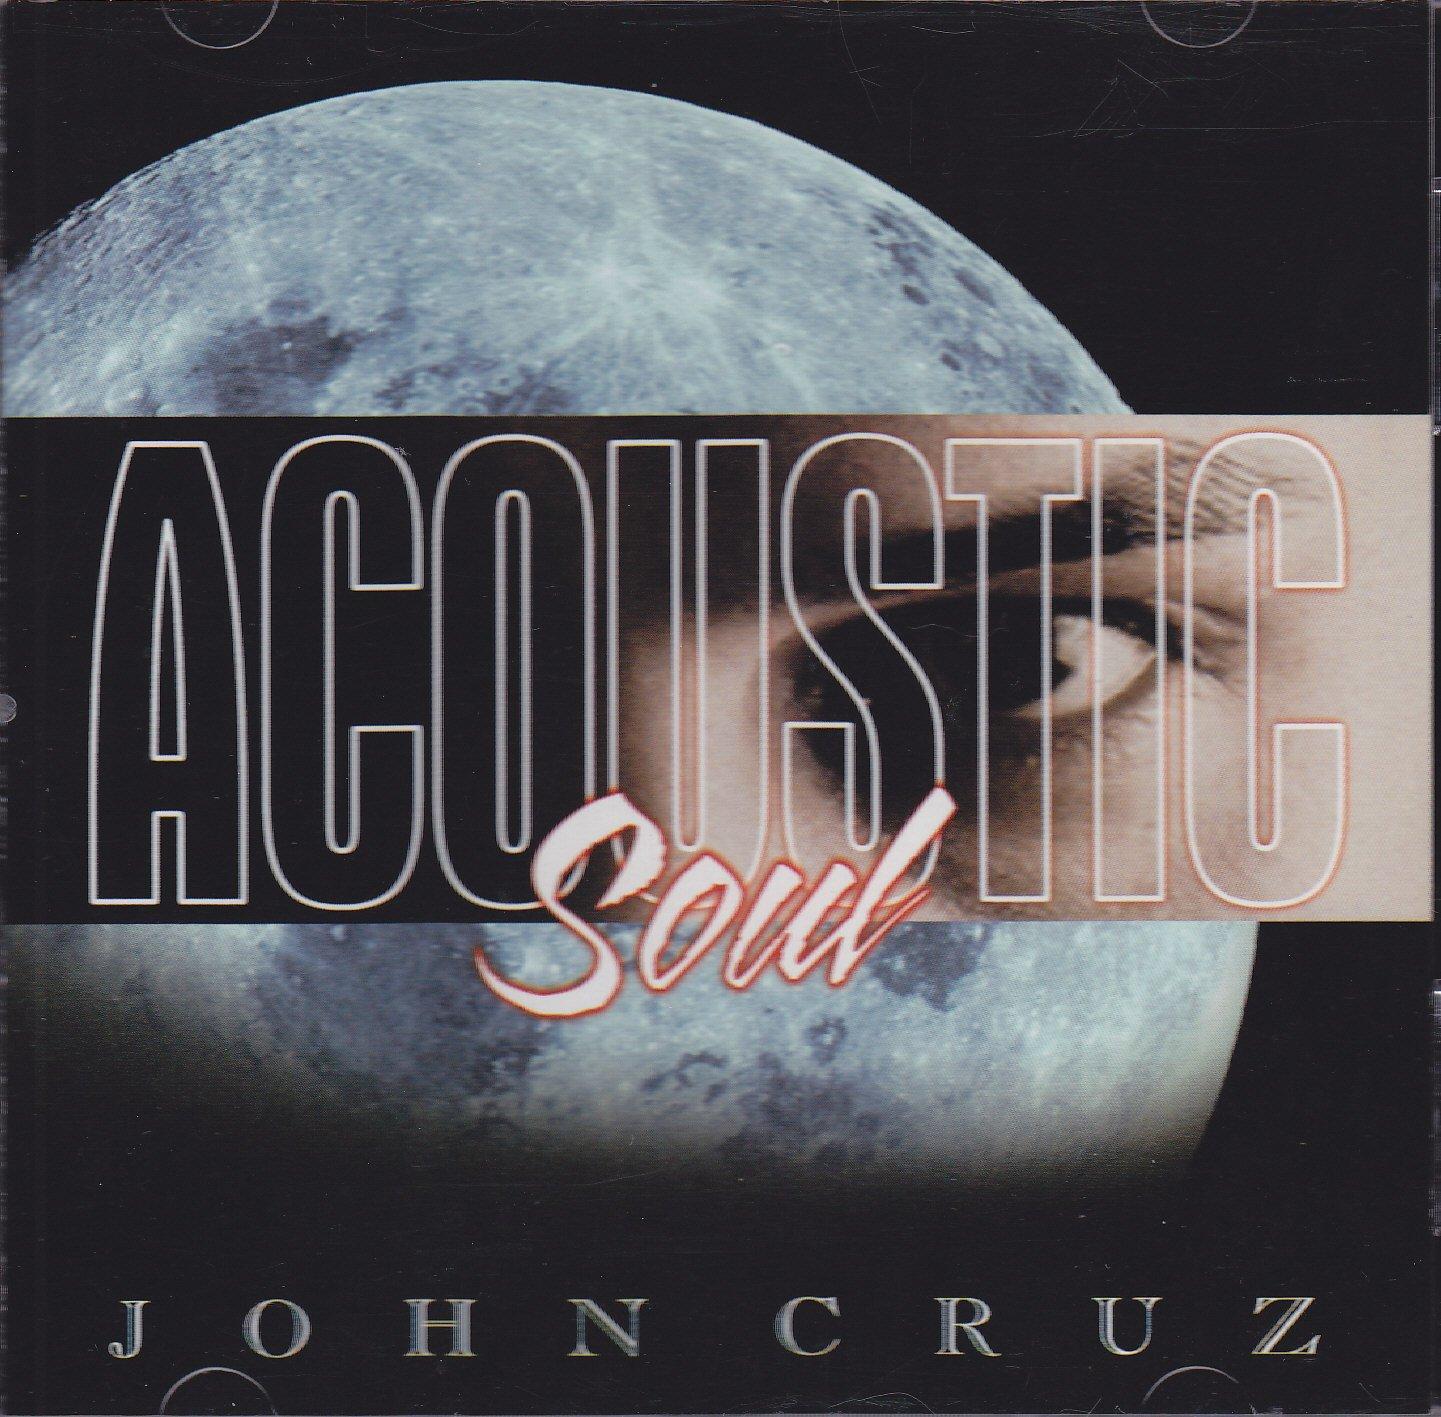 Acoustic Soul by Quiet Storm Records